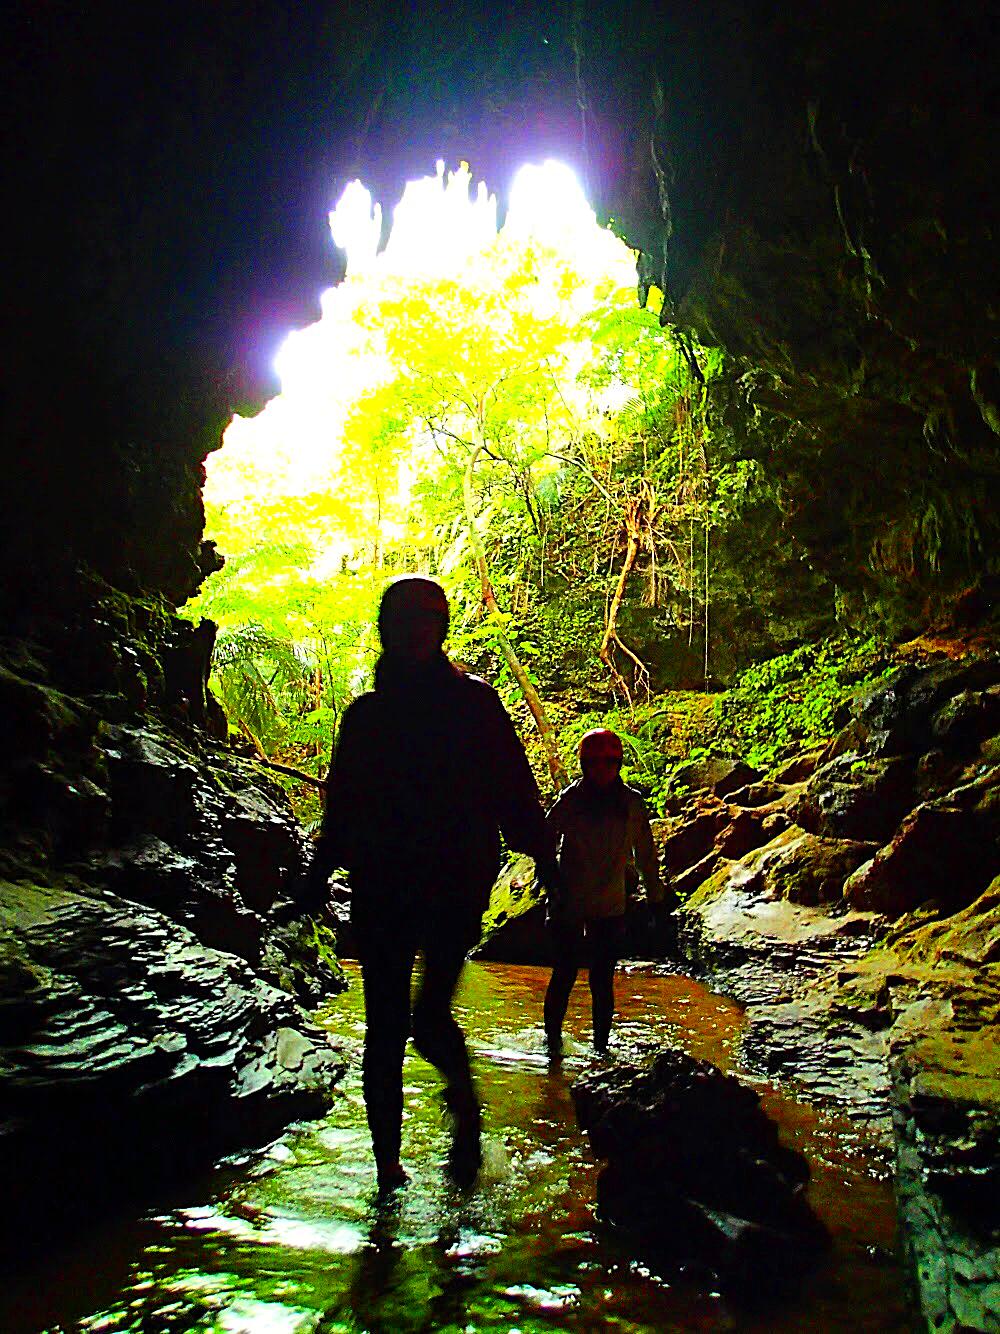 石垣島旅行・西表島で人気No1のSUPツアーで2018年最高の島旅を!ケンガイドおすすめSUP秘境パワースポット巡りやシュノーケル・キャニオニングなど遊びは自由自在!女子旅行・学生旅行・家族旅行で観光アクティビティSUP体験を、西表島でSUP遊びを満喫しよう。